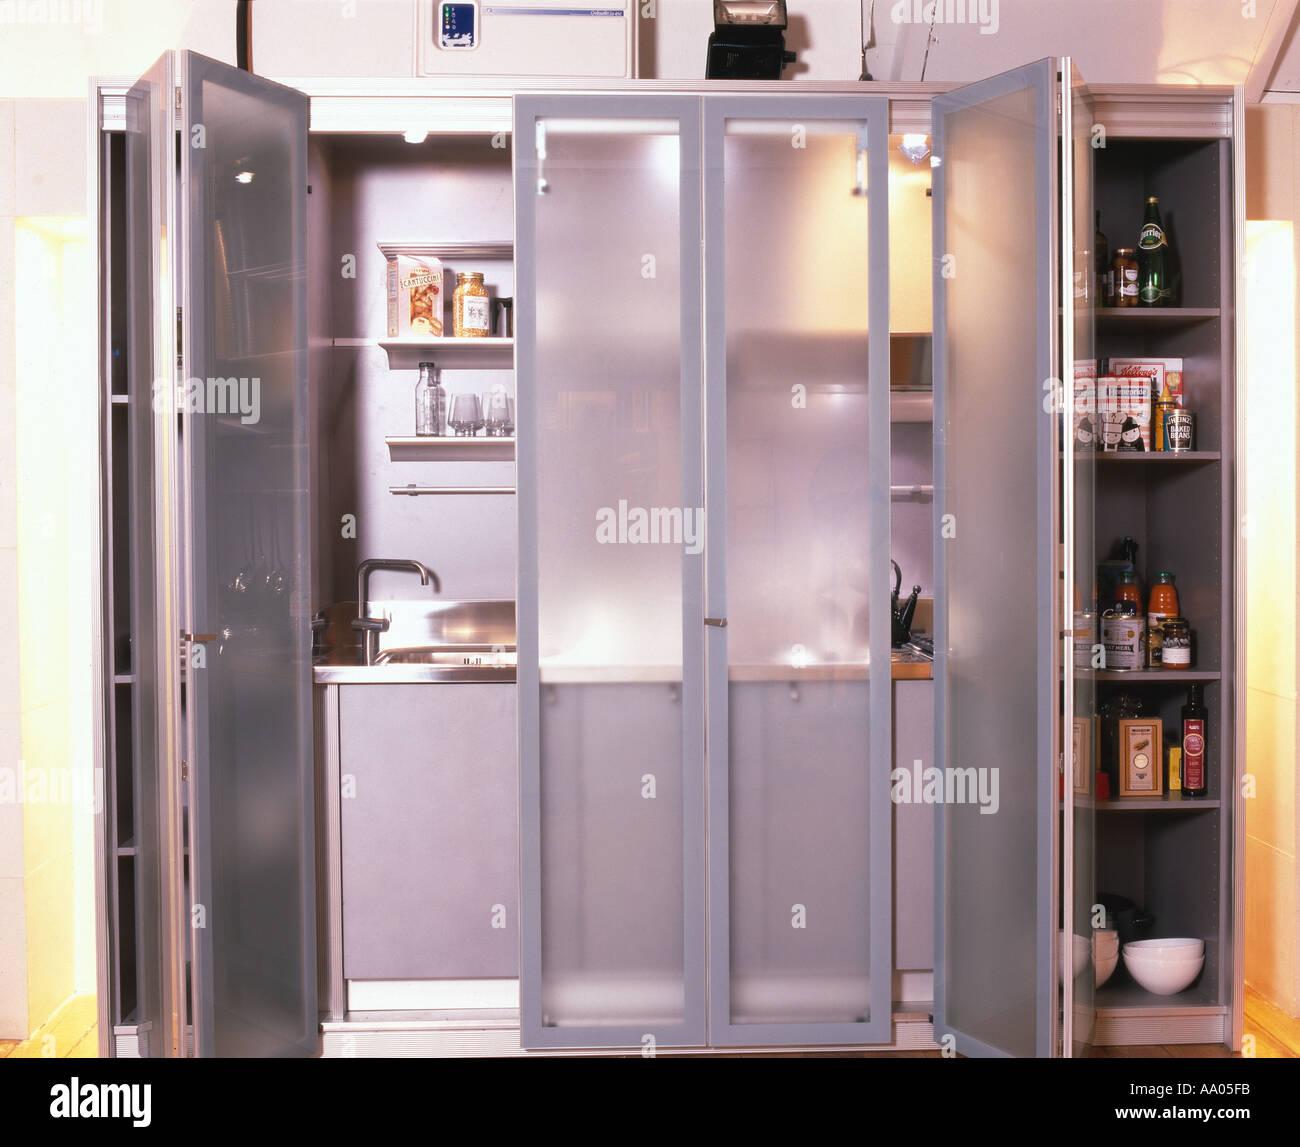 Kleine Räume - Küche im Schrank mit Schiebetüren - overall mit Türen ...